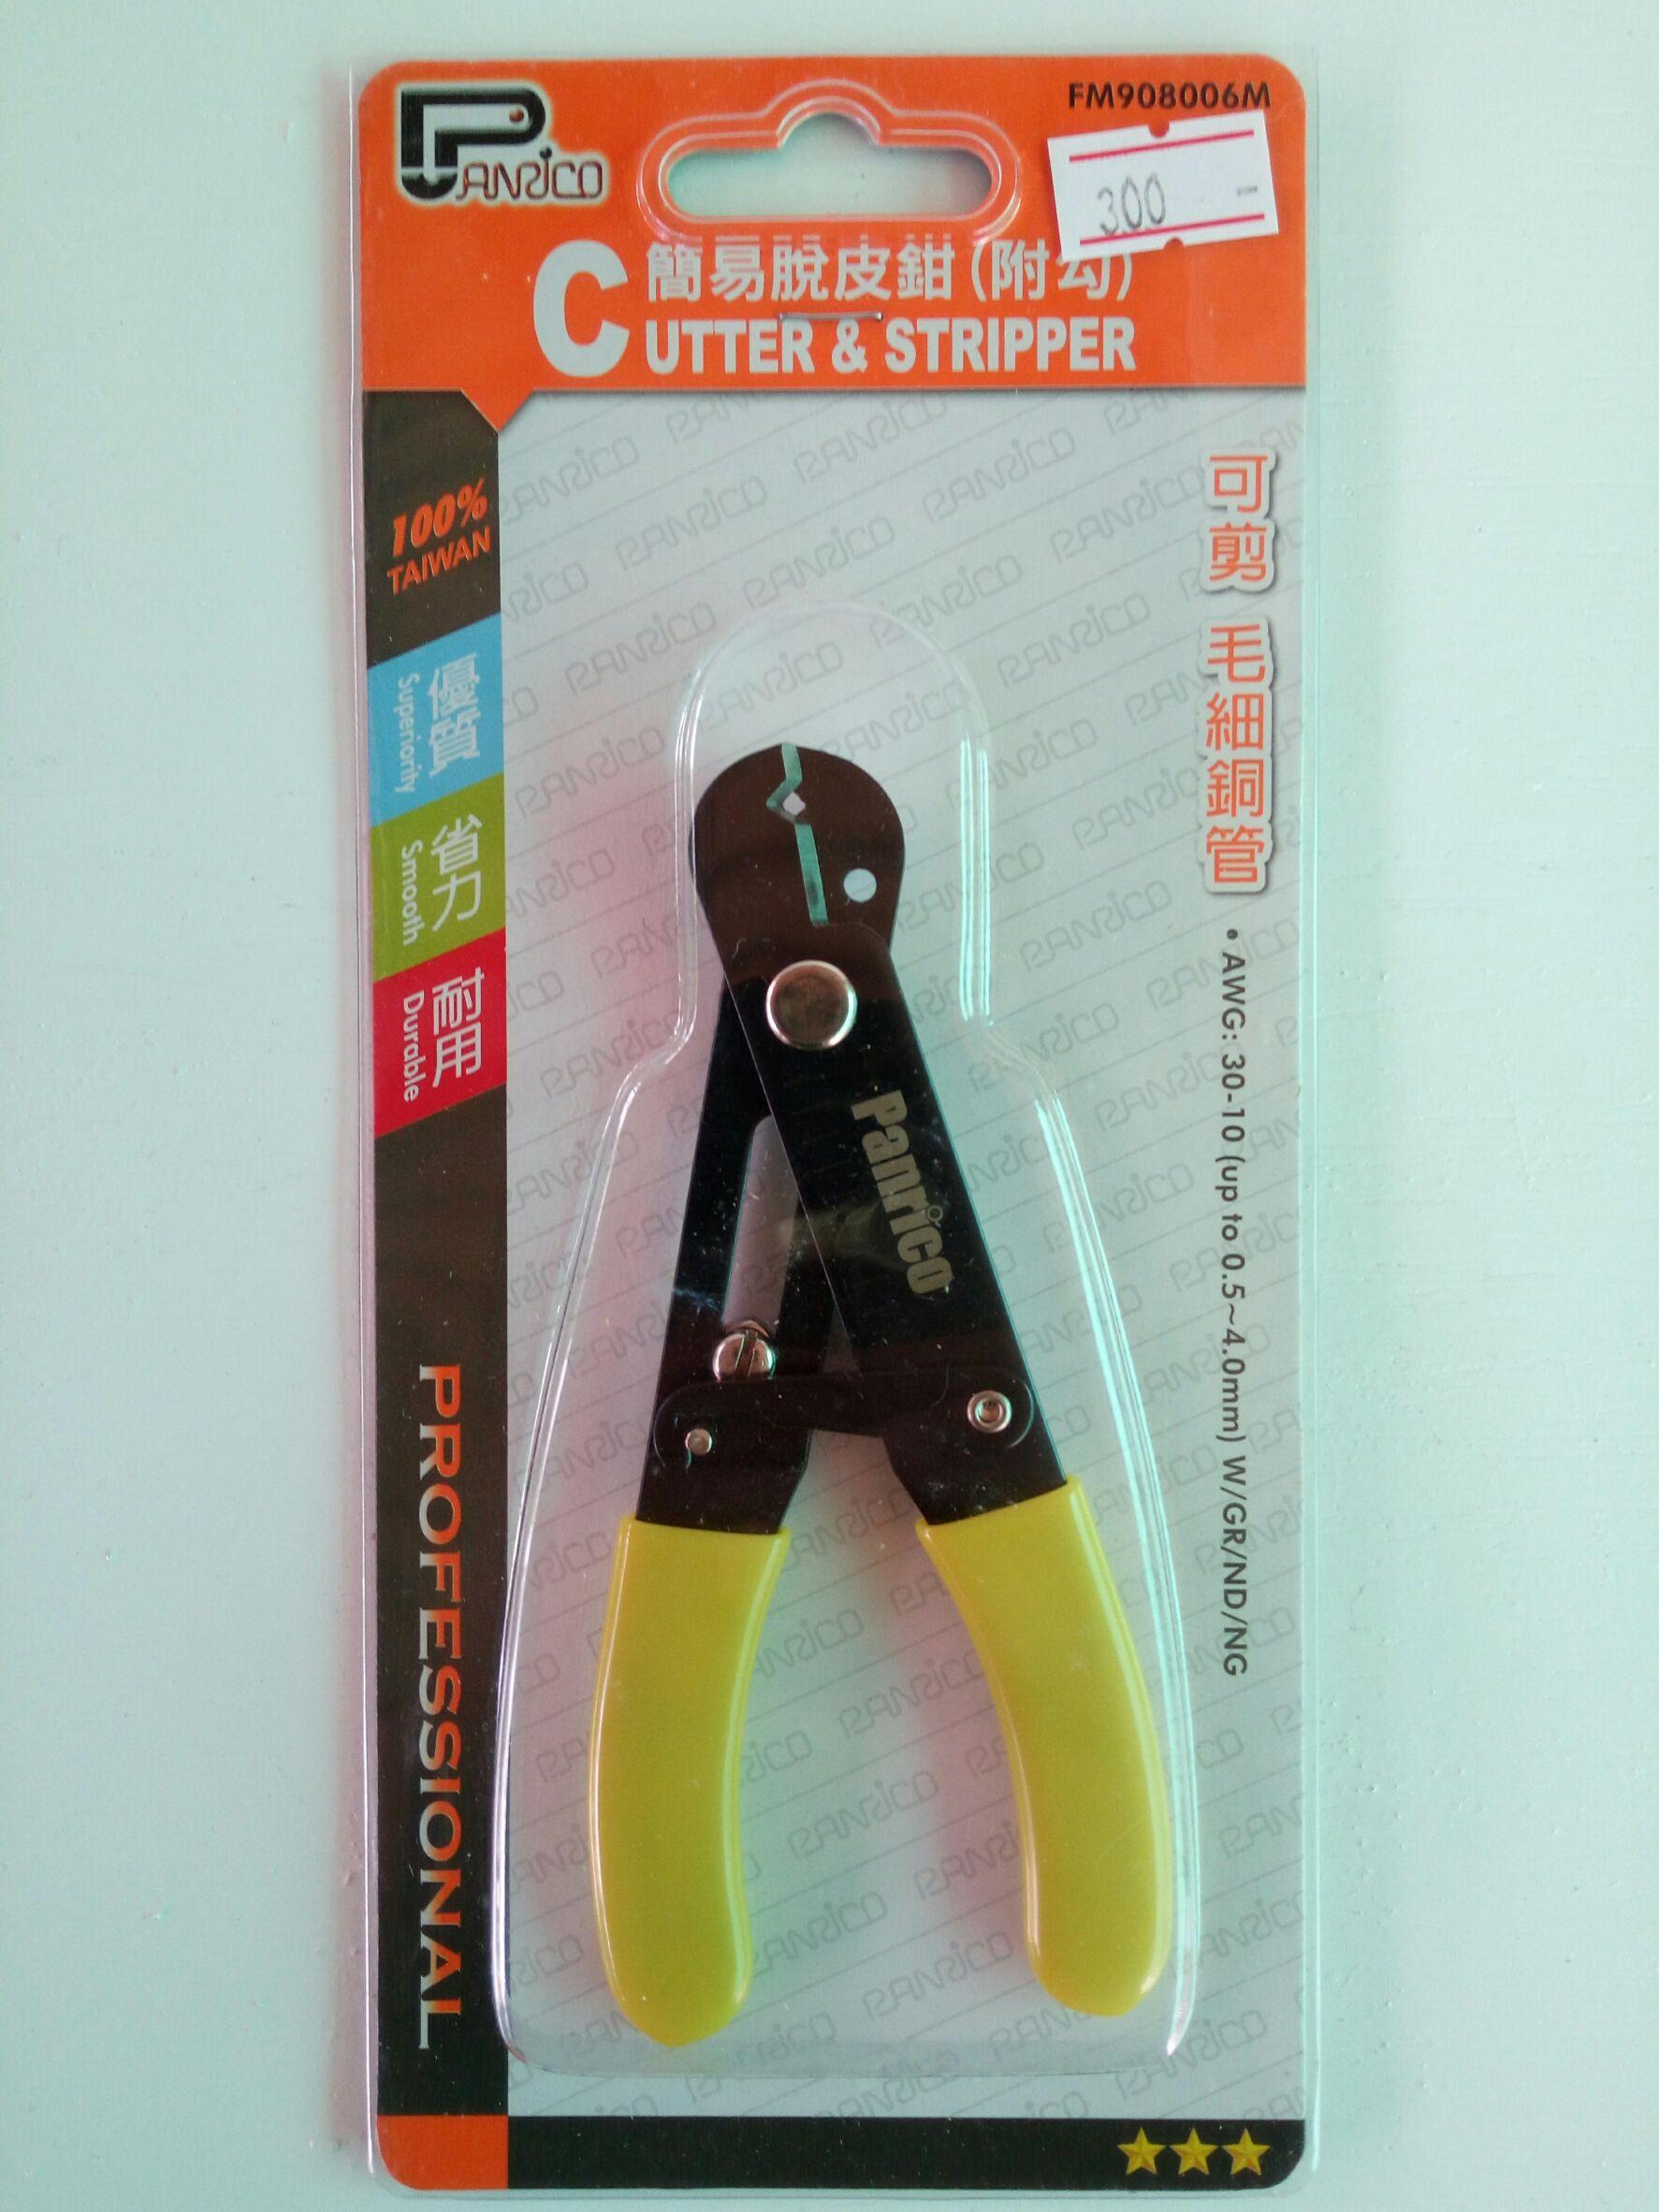 Cutter & Stripper Made in Taiwan